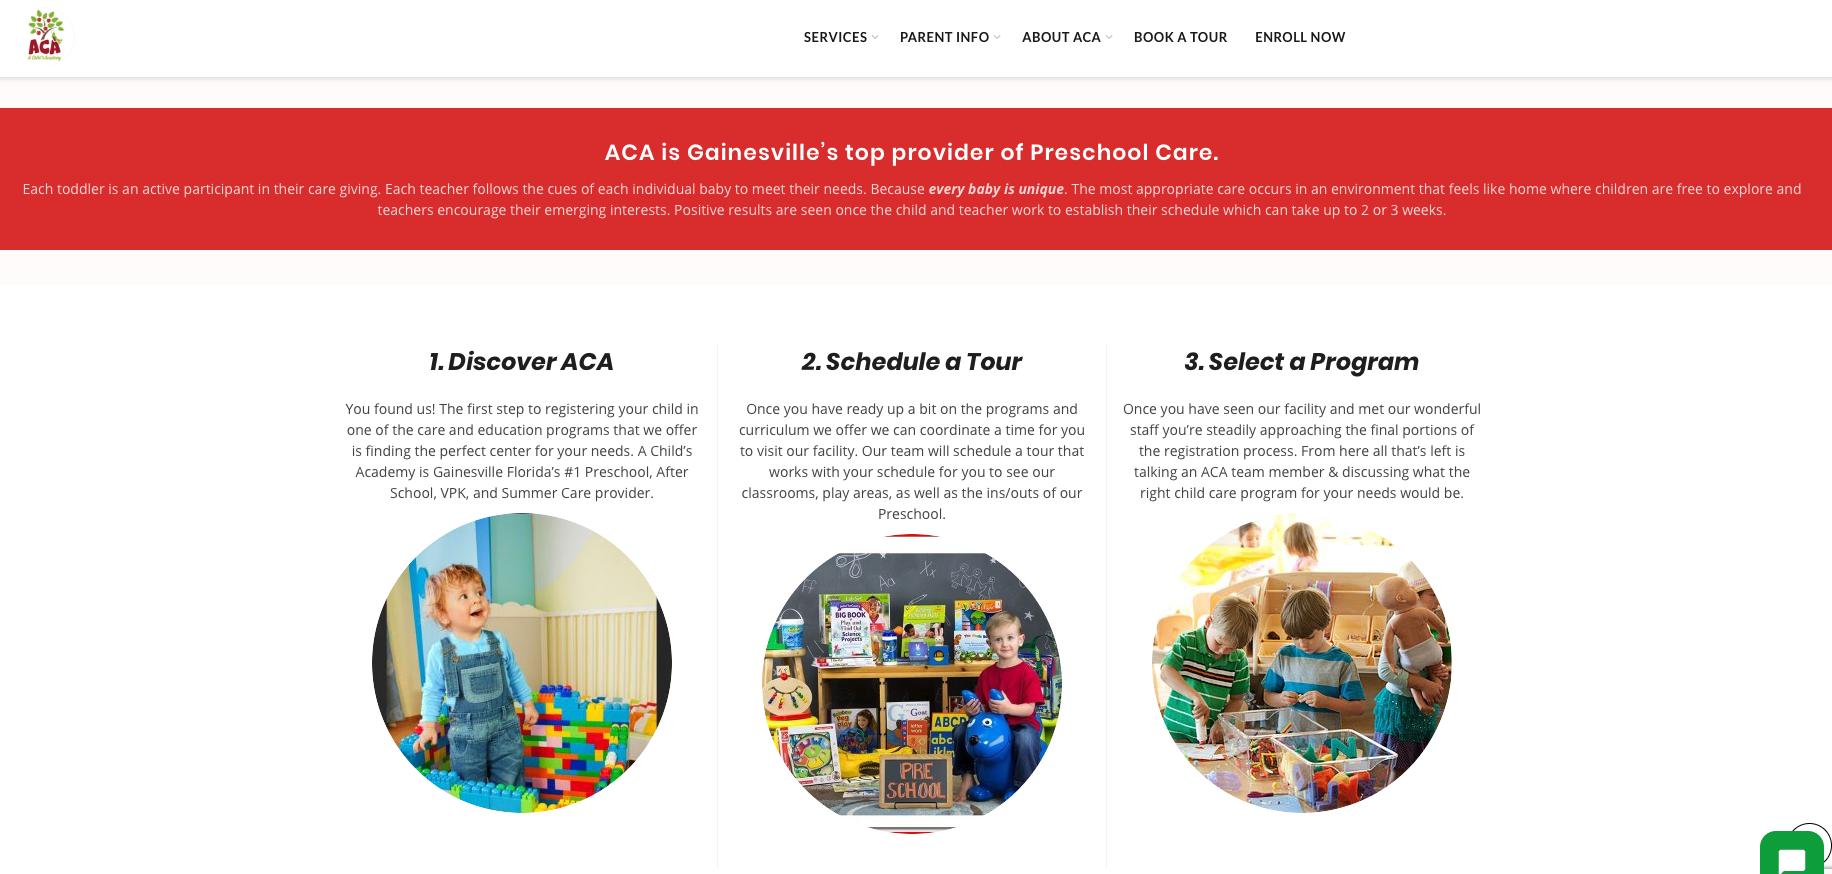 ACA Website Design